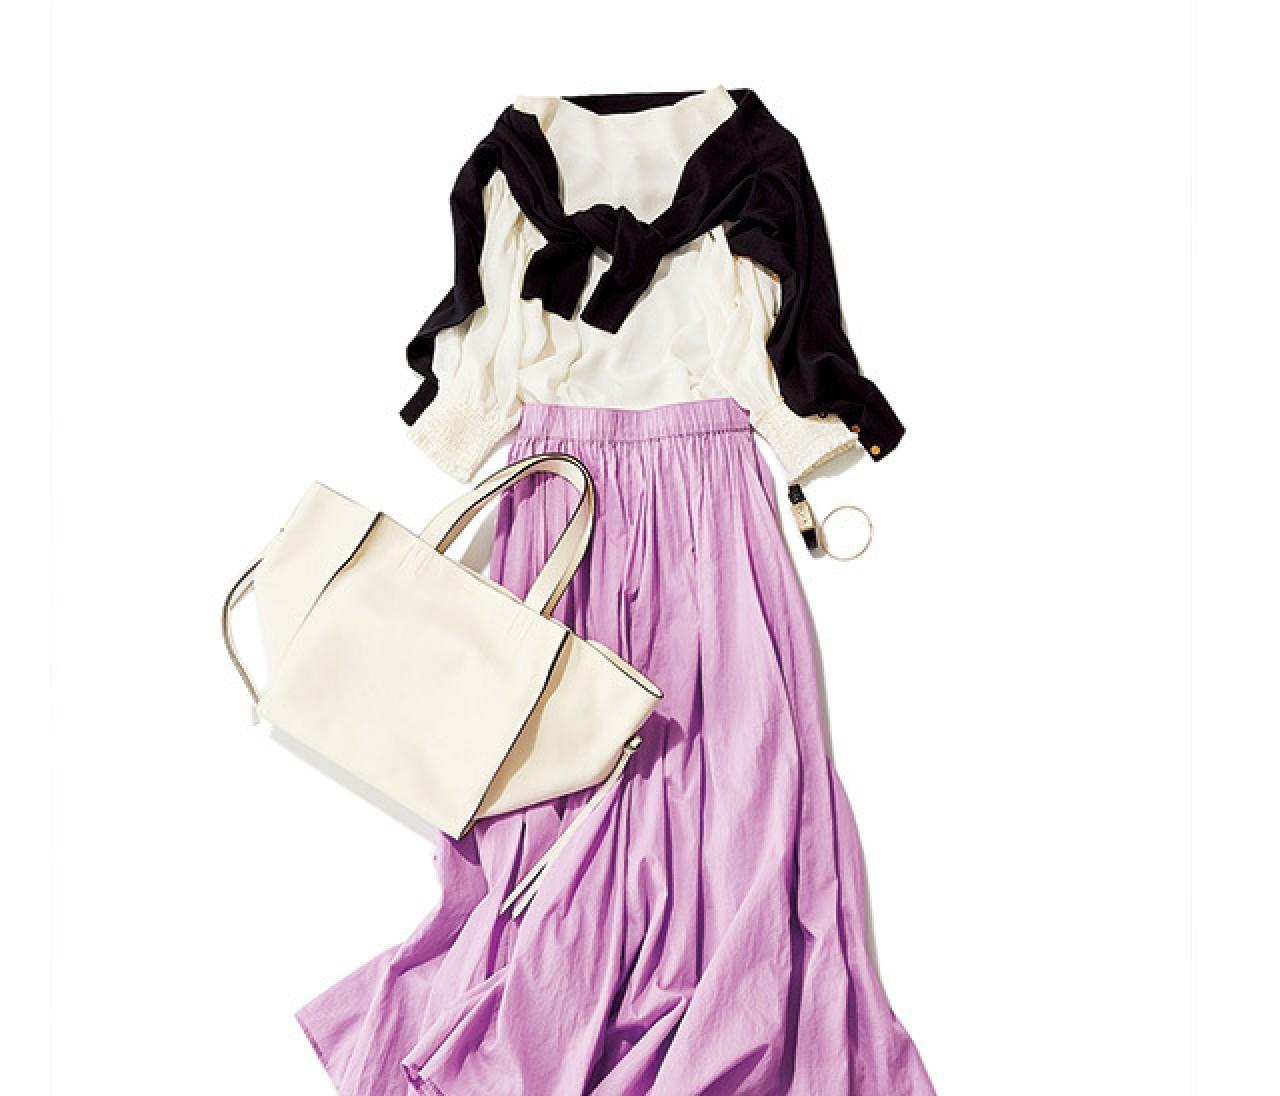 週の真ん中は、華やかなラベンダースカートで気分を上げて♡【2018/5/9のコーデ】